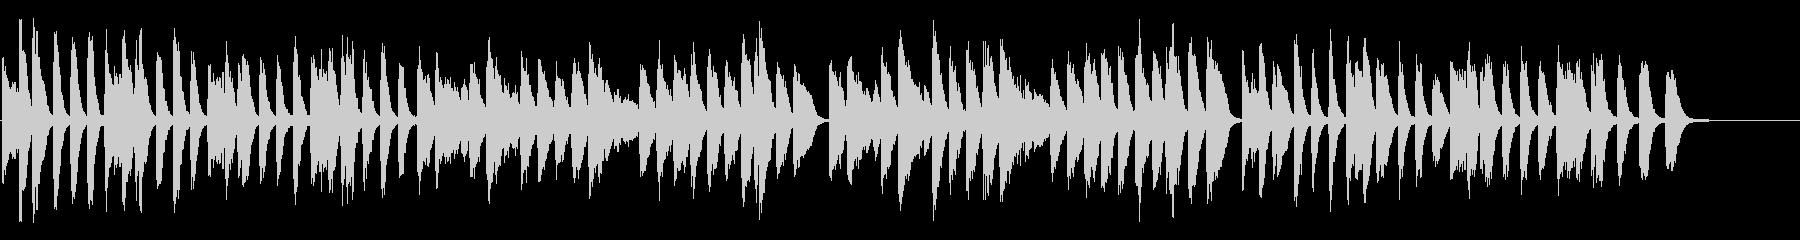 シューマン 可愛く元気なピアノ曲 高音質の未再生の波形